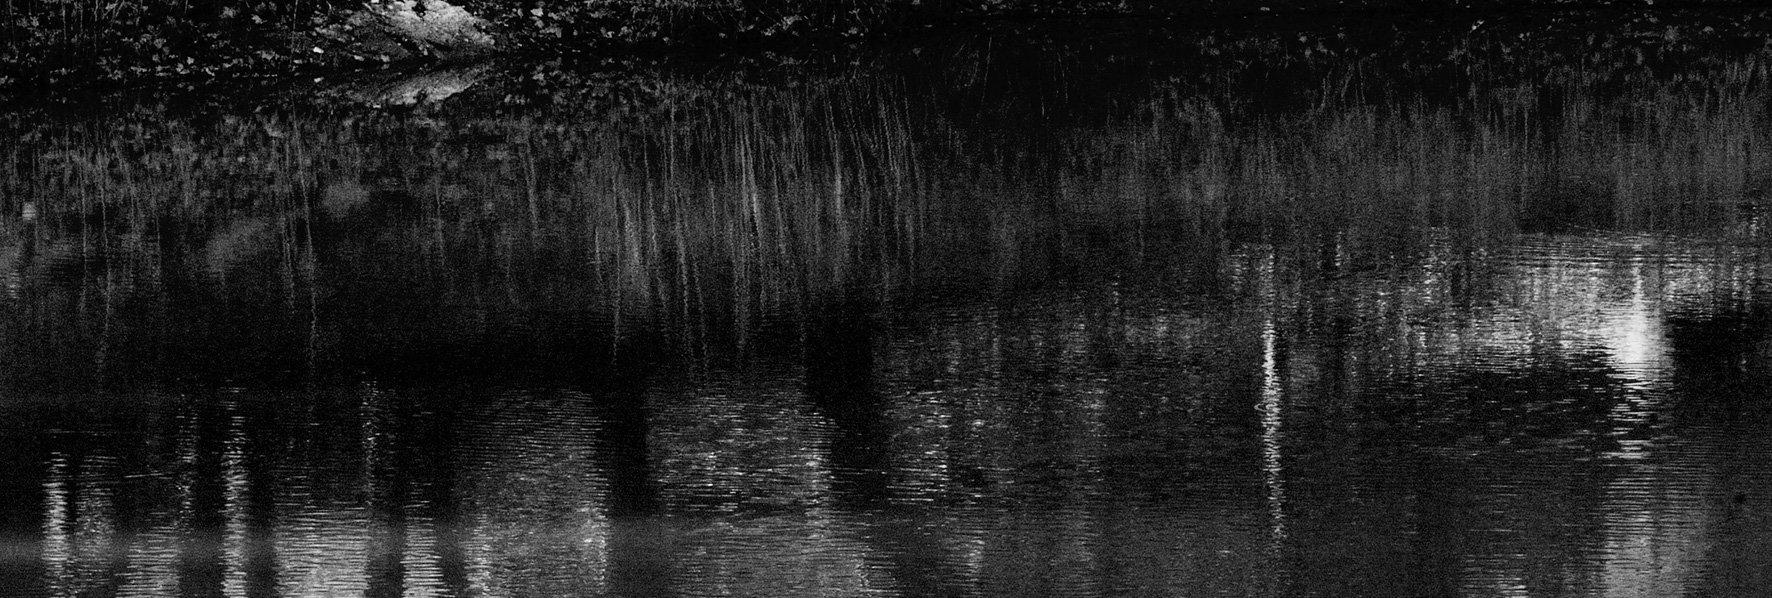 Reflet dans le lac du bas © Dominique Laugé